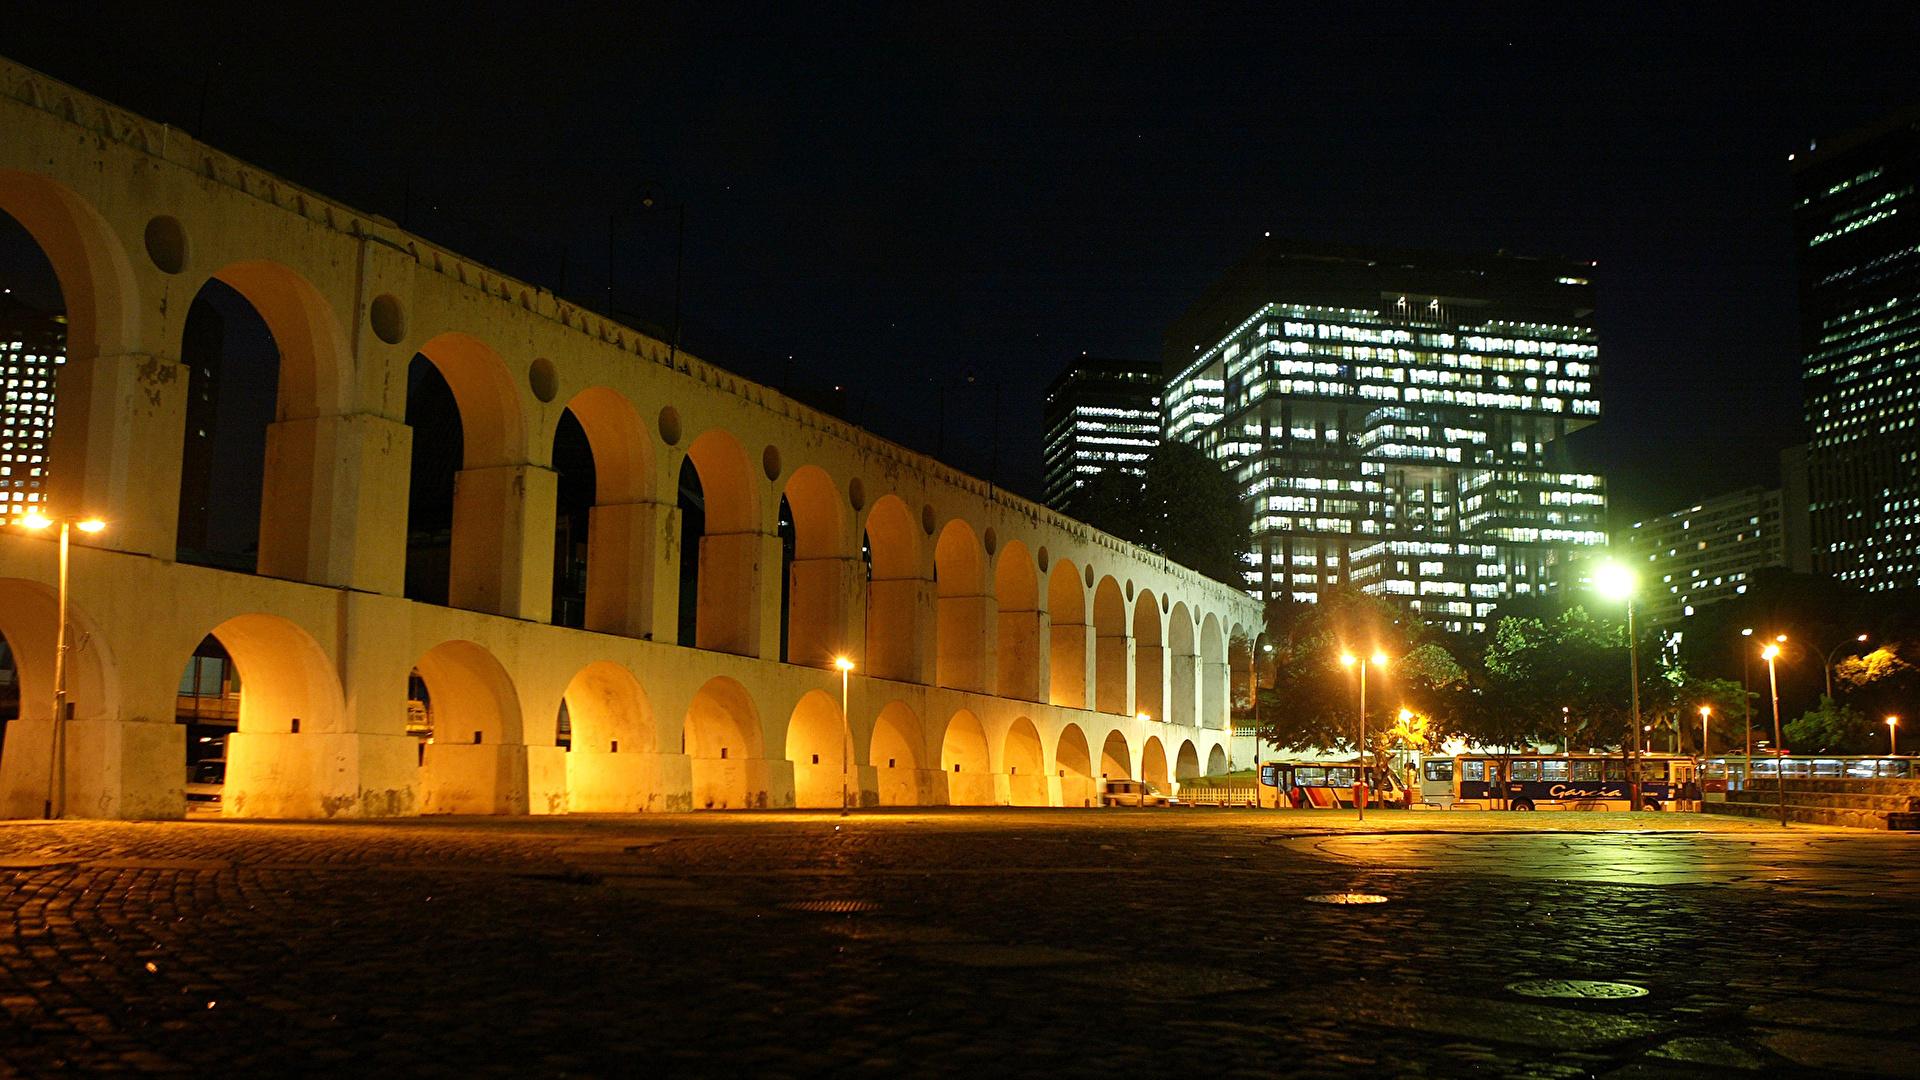 Wallpaper Rio De Janeiro Brazil Arch Night Street Lights 1920x1080